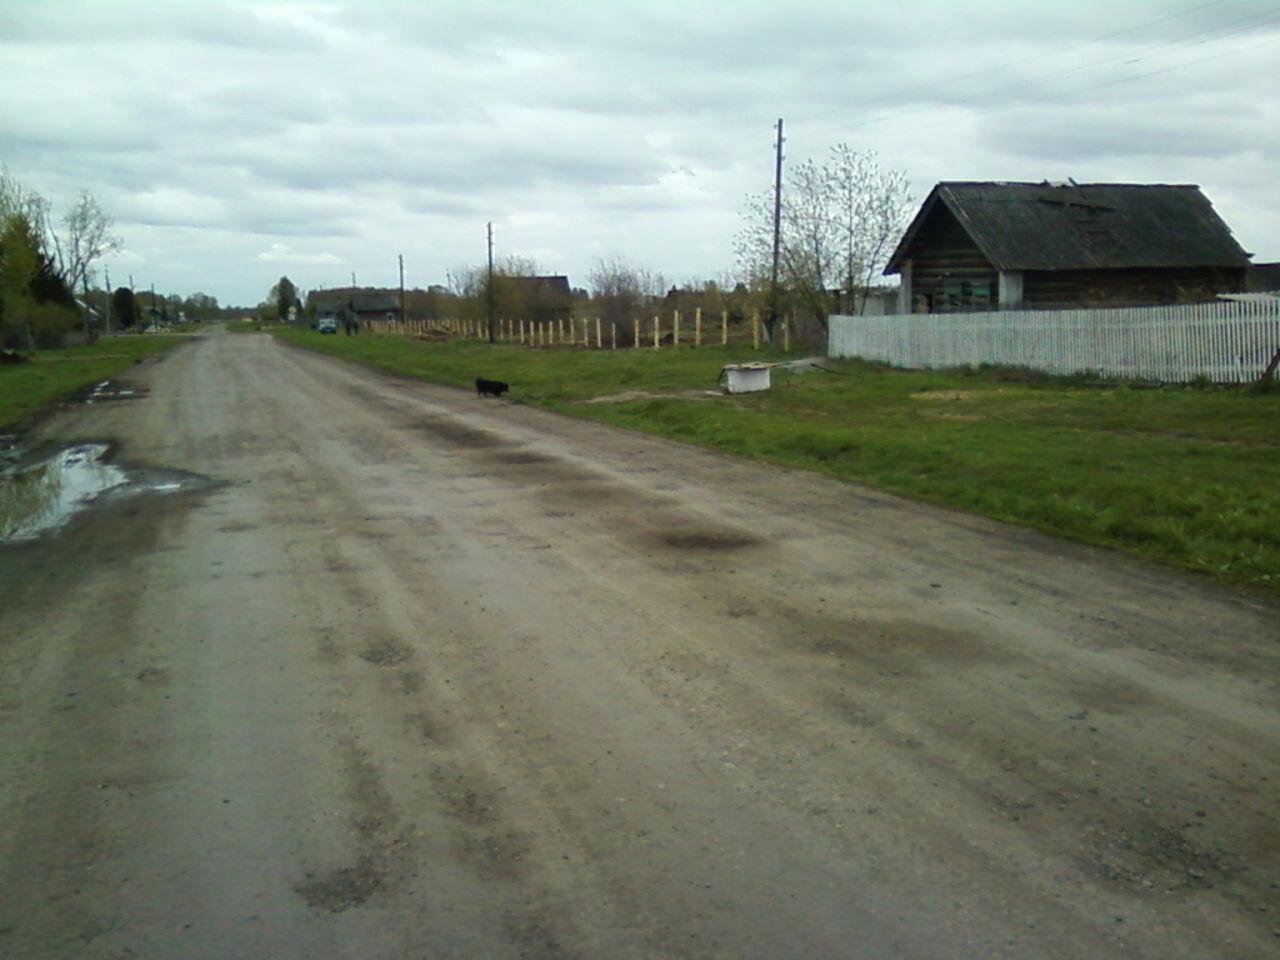 ВКемеровской области мать сожгла новорожденного ребенка